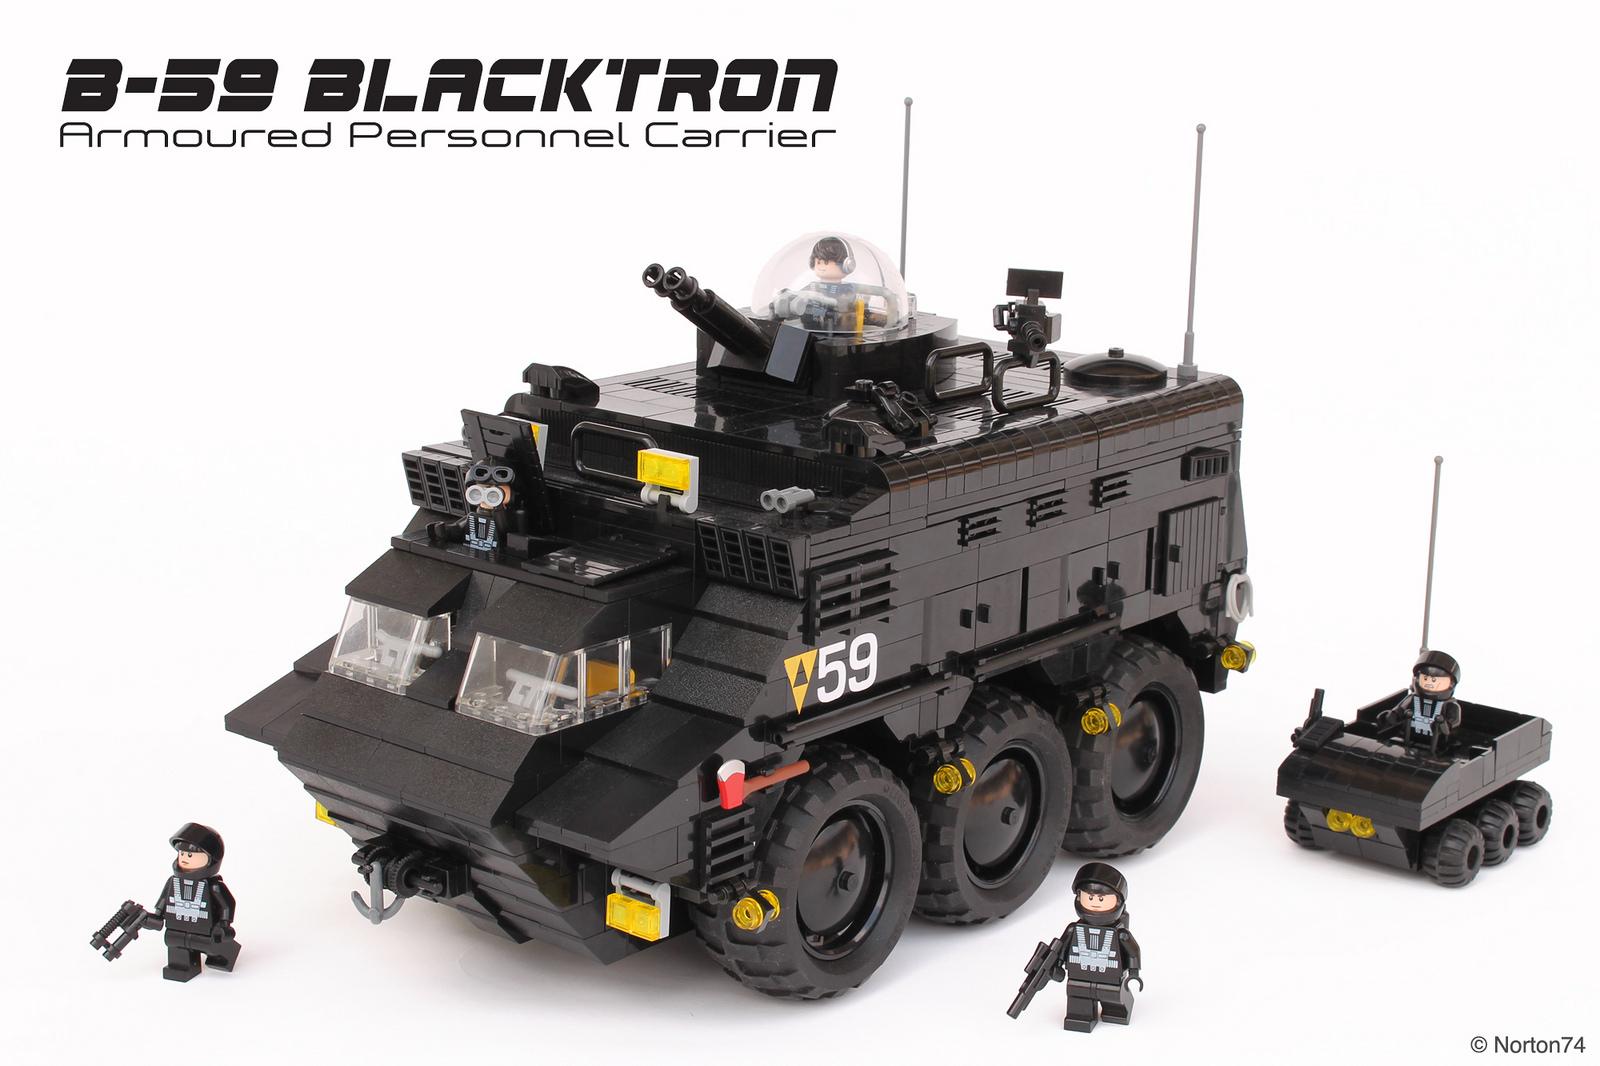 Il carro Blacktron LEGO tratto dalla serie Joe 90 di Norton74